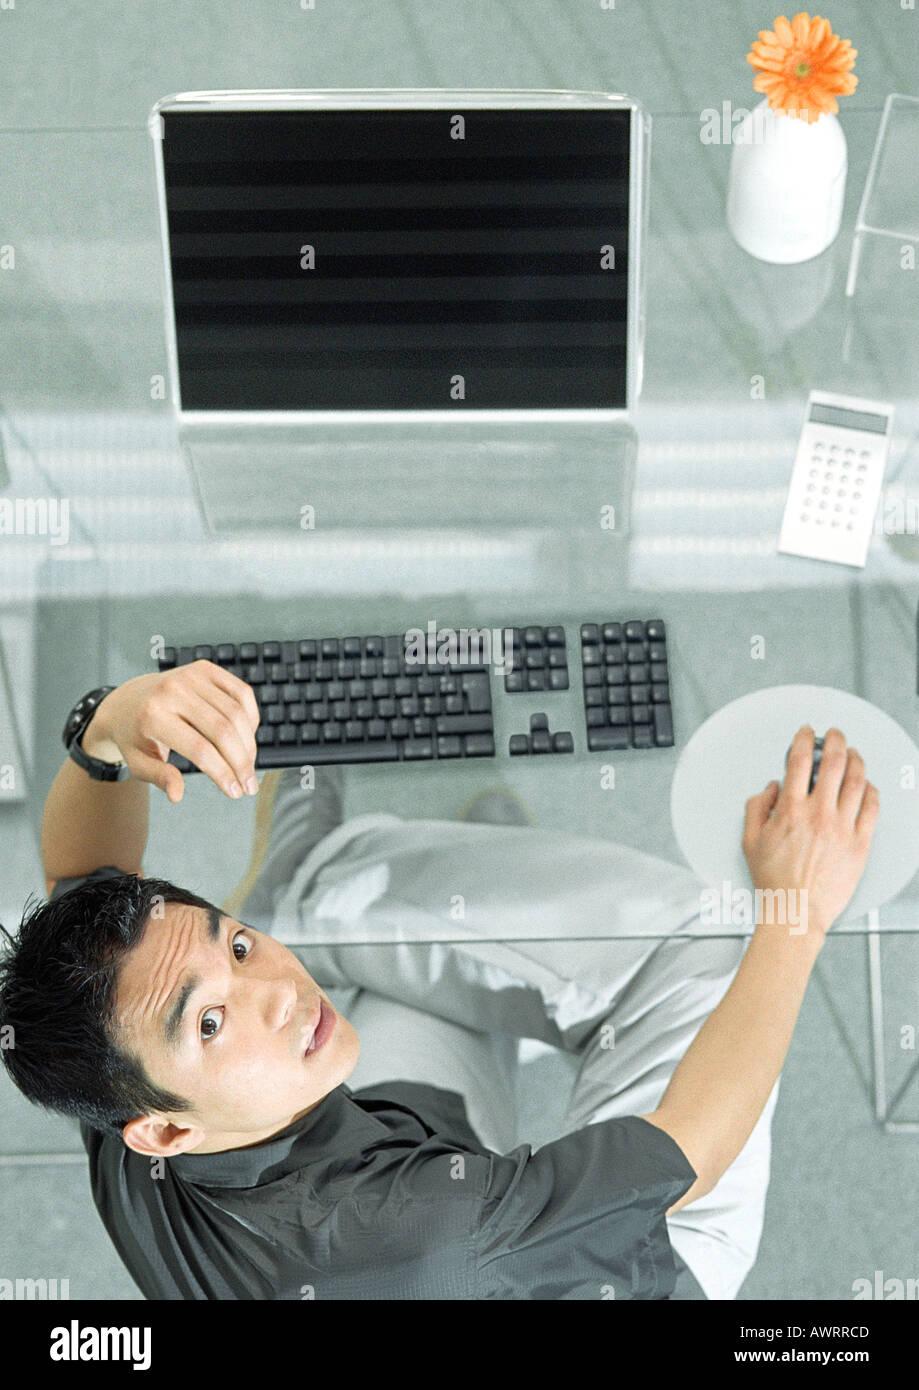 Hombre y escritorio con dispositivos futurista, un alto ángulo de visualización, Retrato Foto de stock